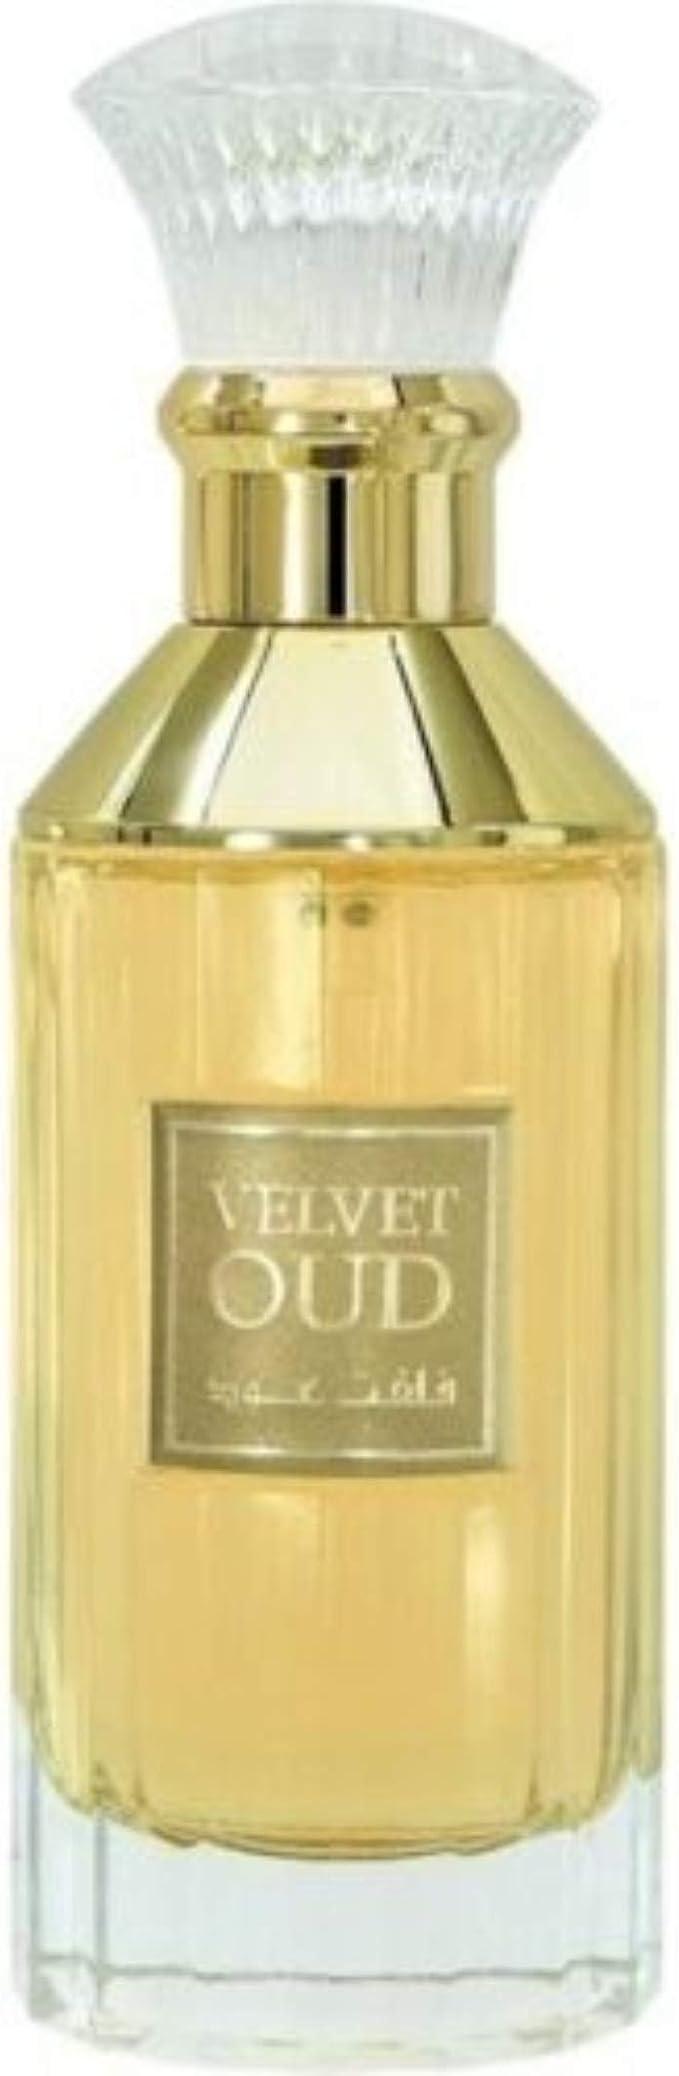 Lattafa Velvet Oud 100ml Men's Eau de